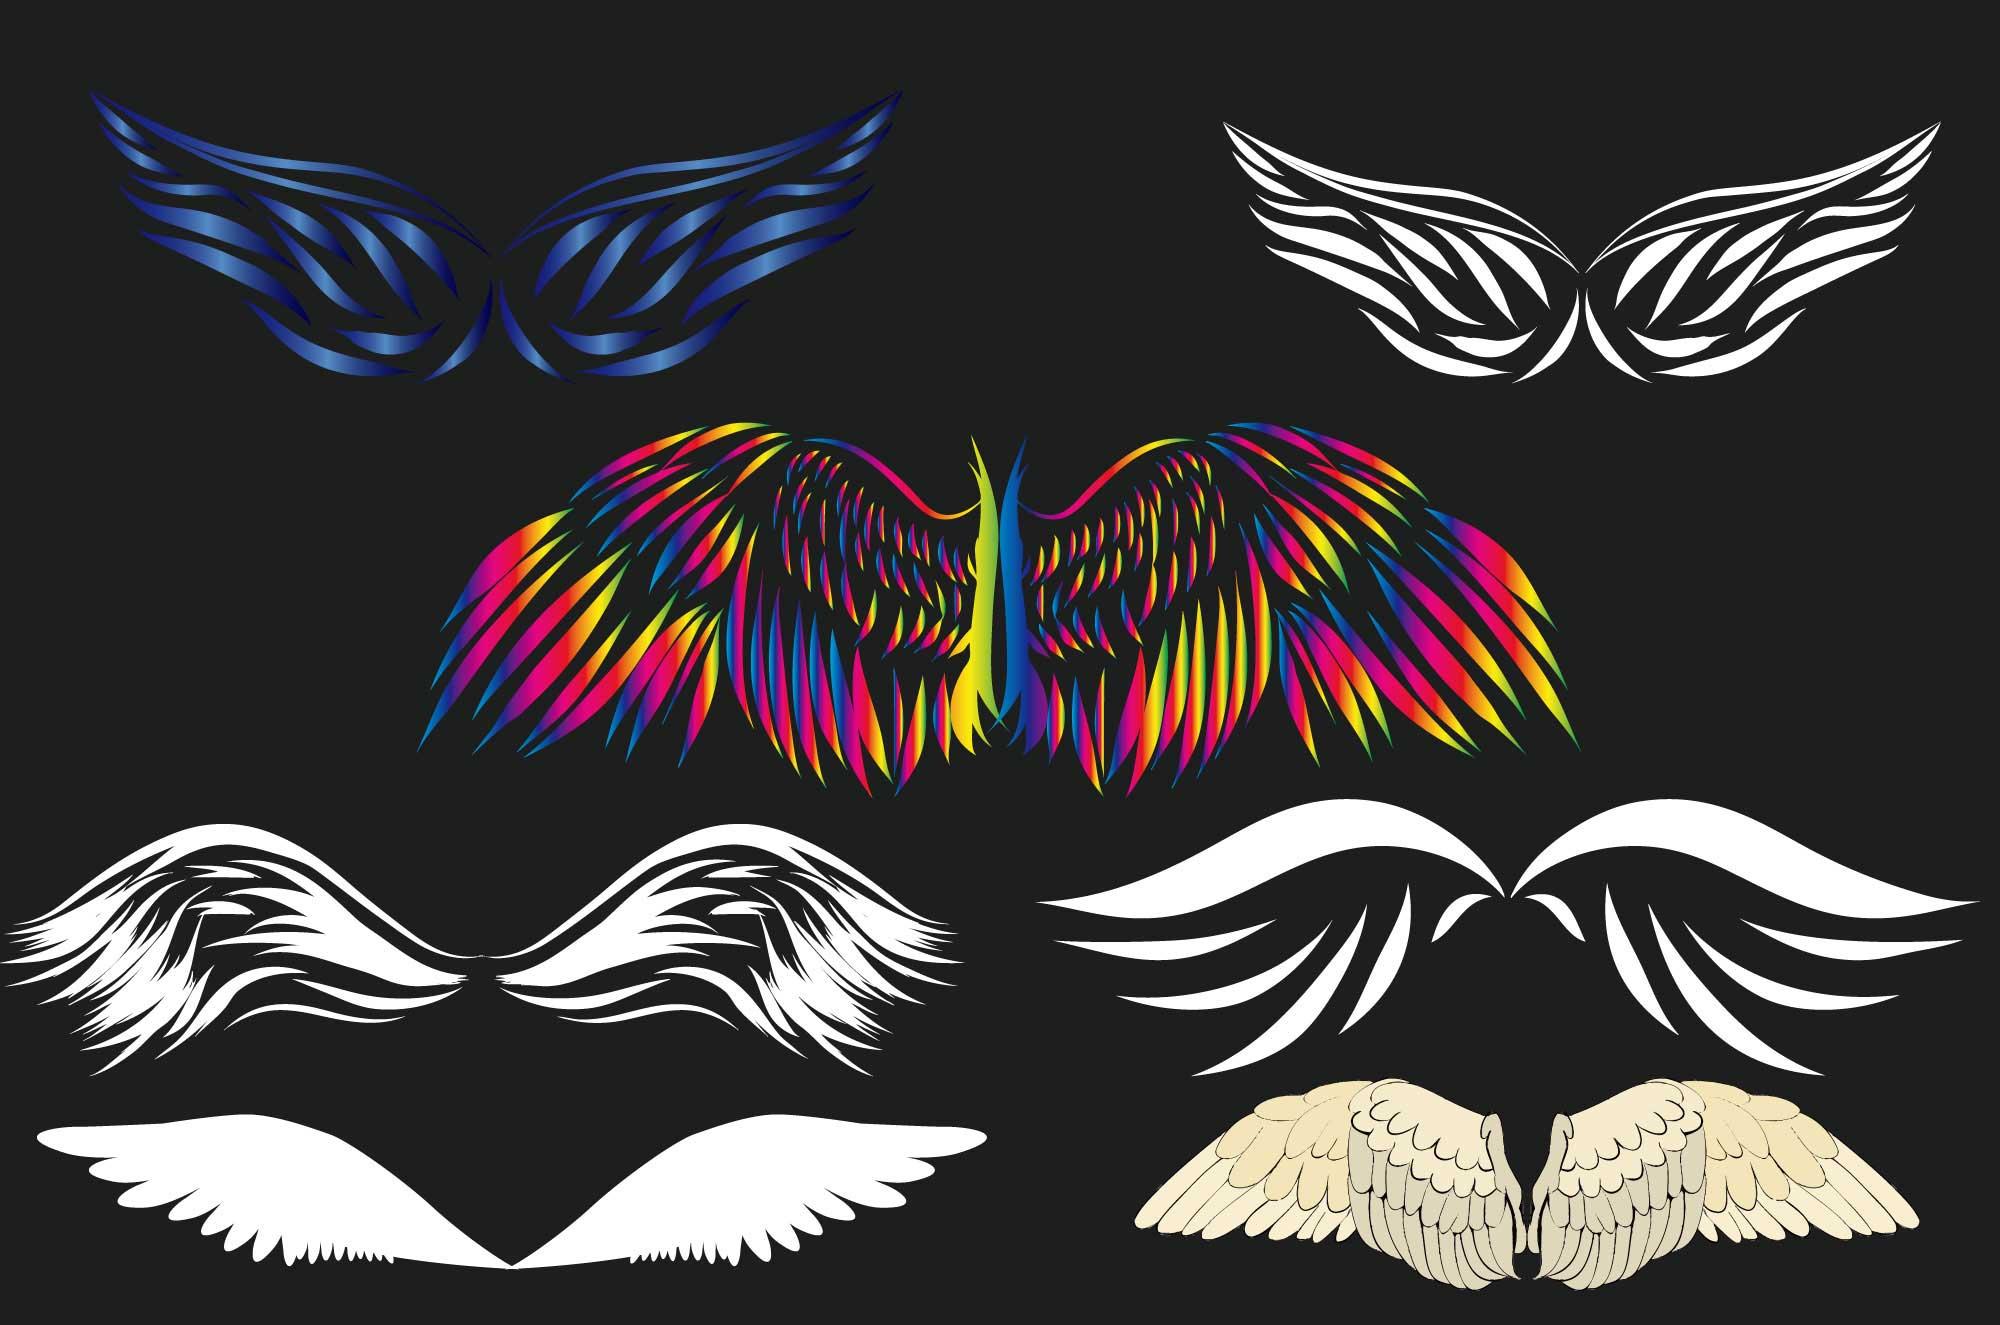 かっこいい翼のイラスト - 装飾デザインのフリー素材 - チコデザ